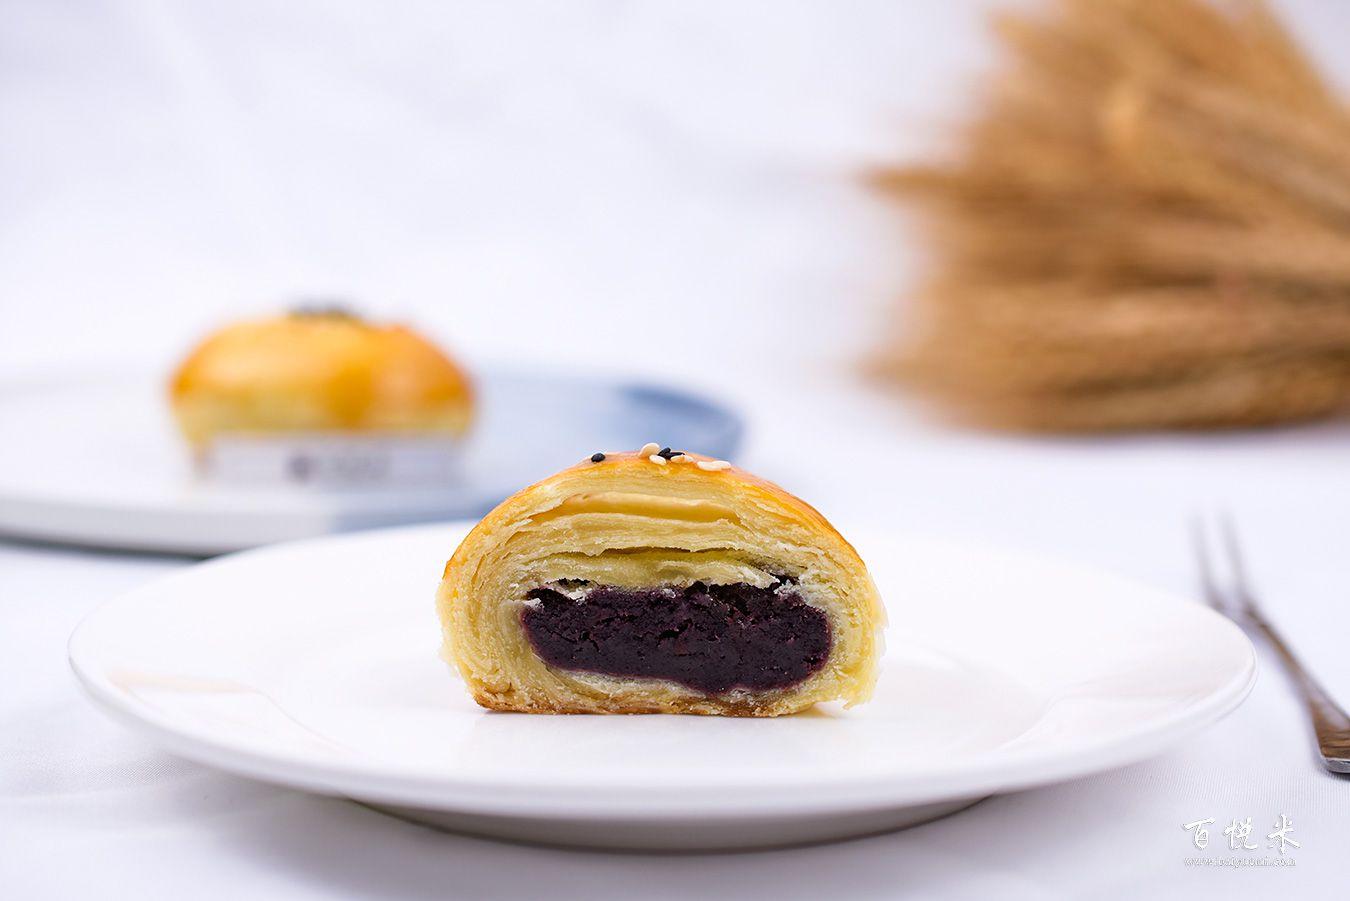 紫薯酥高清图片大全【蛋糕图片】_871